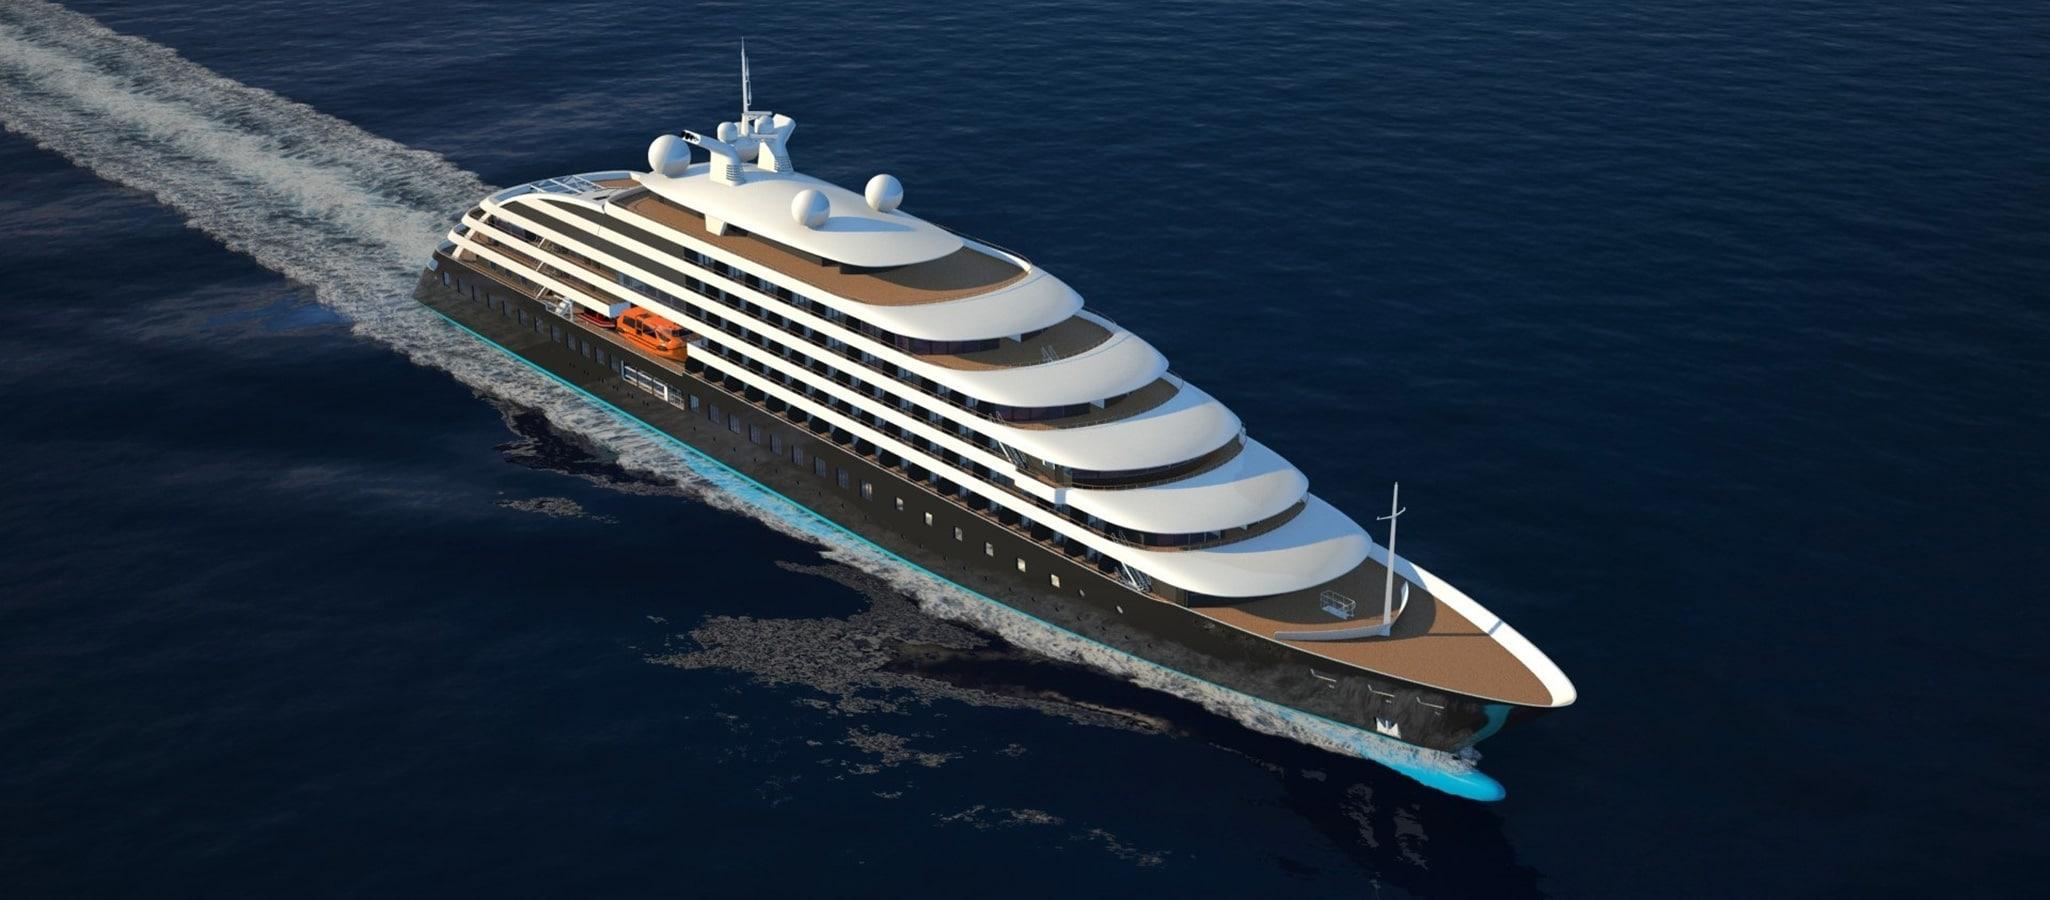 Unter den Kreuzfahrtschiffen bis 400 Passagieren zählen die Premium-Yachten zu den modernsten. Von Top-Designern ausgestattet sind sie auch ökologisch auf dem neuesten Stand. Restaurants, Bars, Panorama-Lounges, Outdoor-Pools und opulente SPAs lassen ihre Teilnehmer mit allen Sinnen genießen.